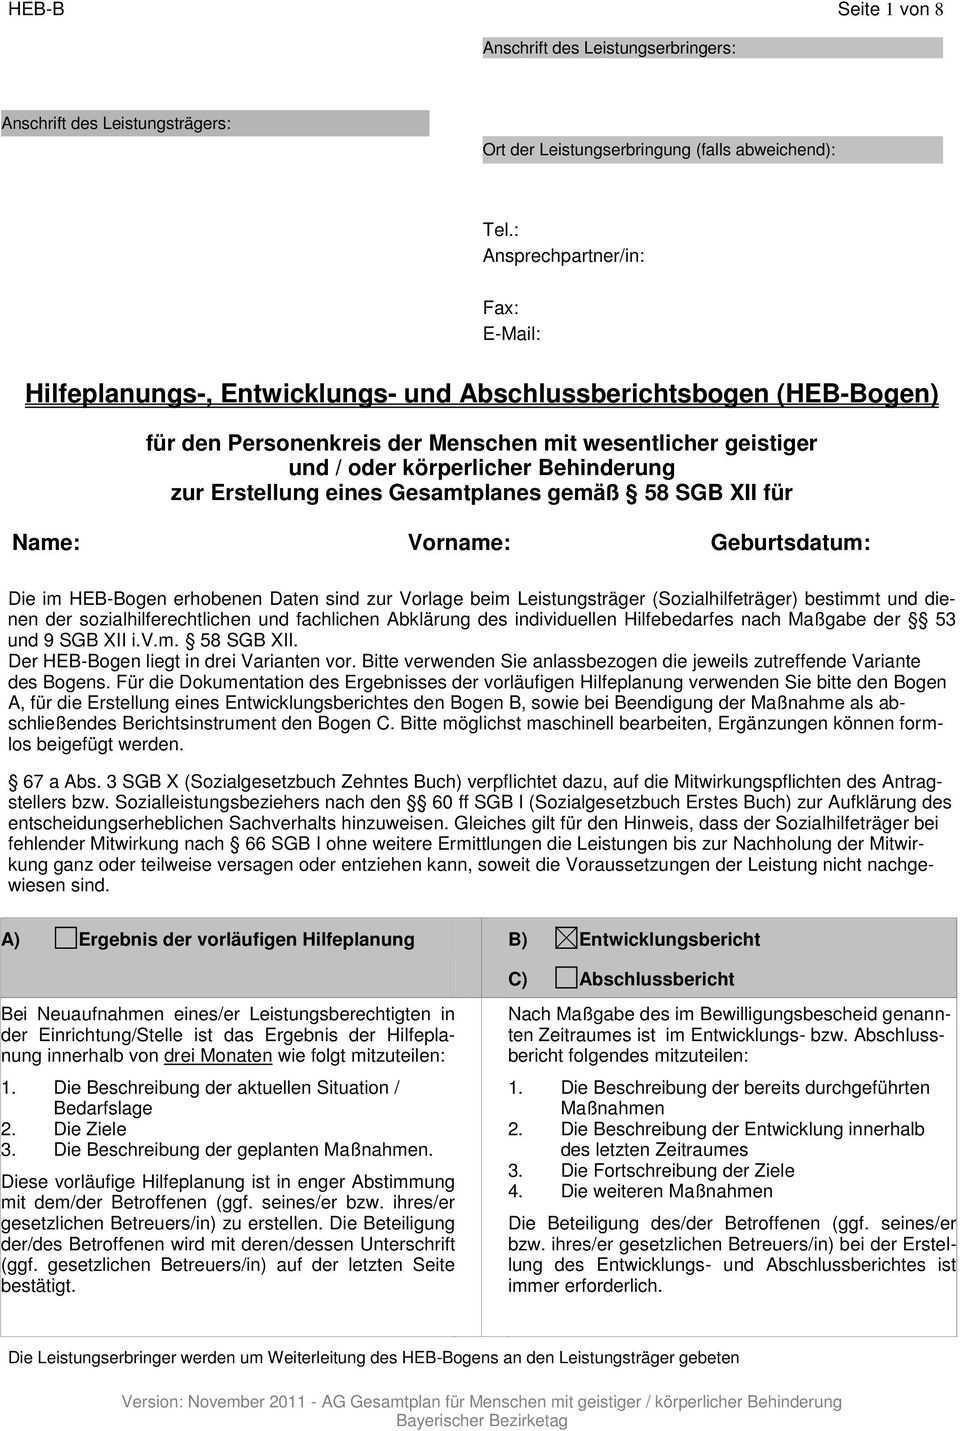 Hilfeplanungs Entwicklungs Und Abschlussberichtsbogen Heb Bogen Pdf Kostenfreier Download